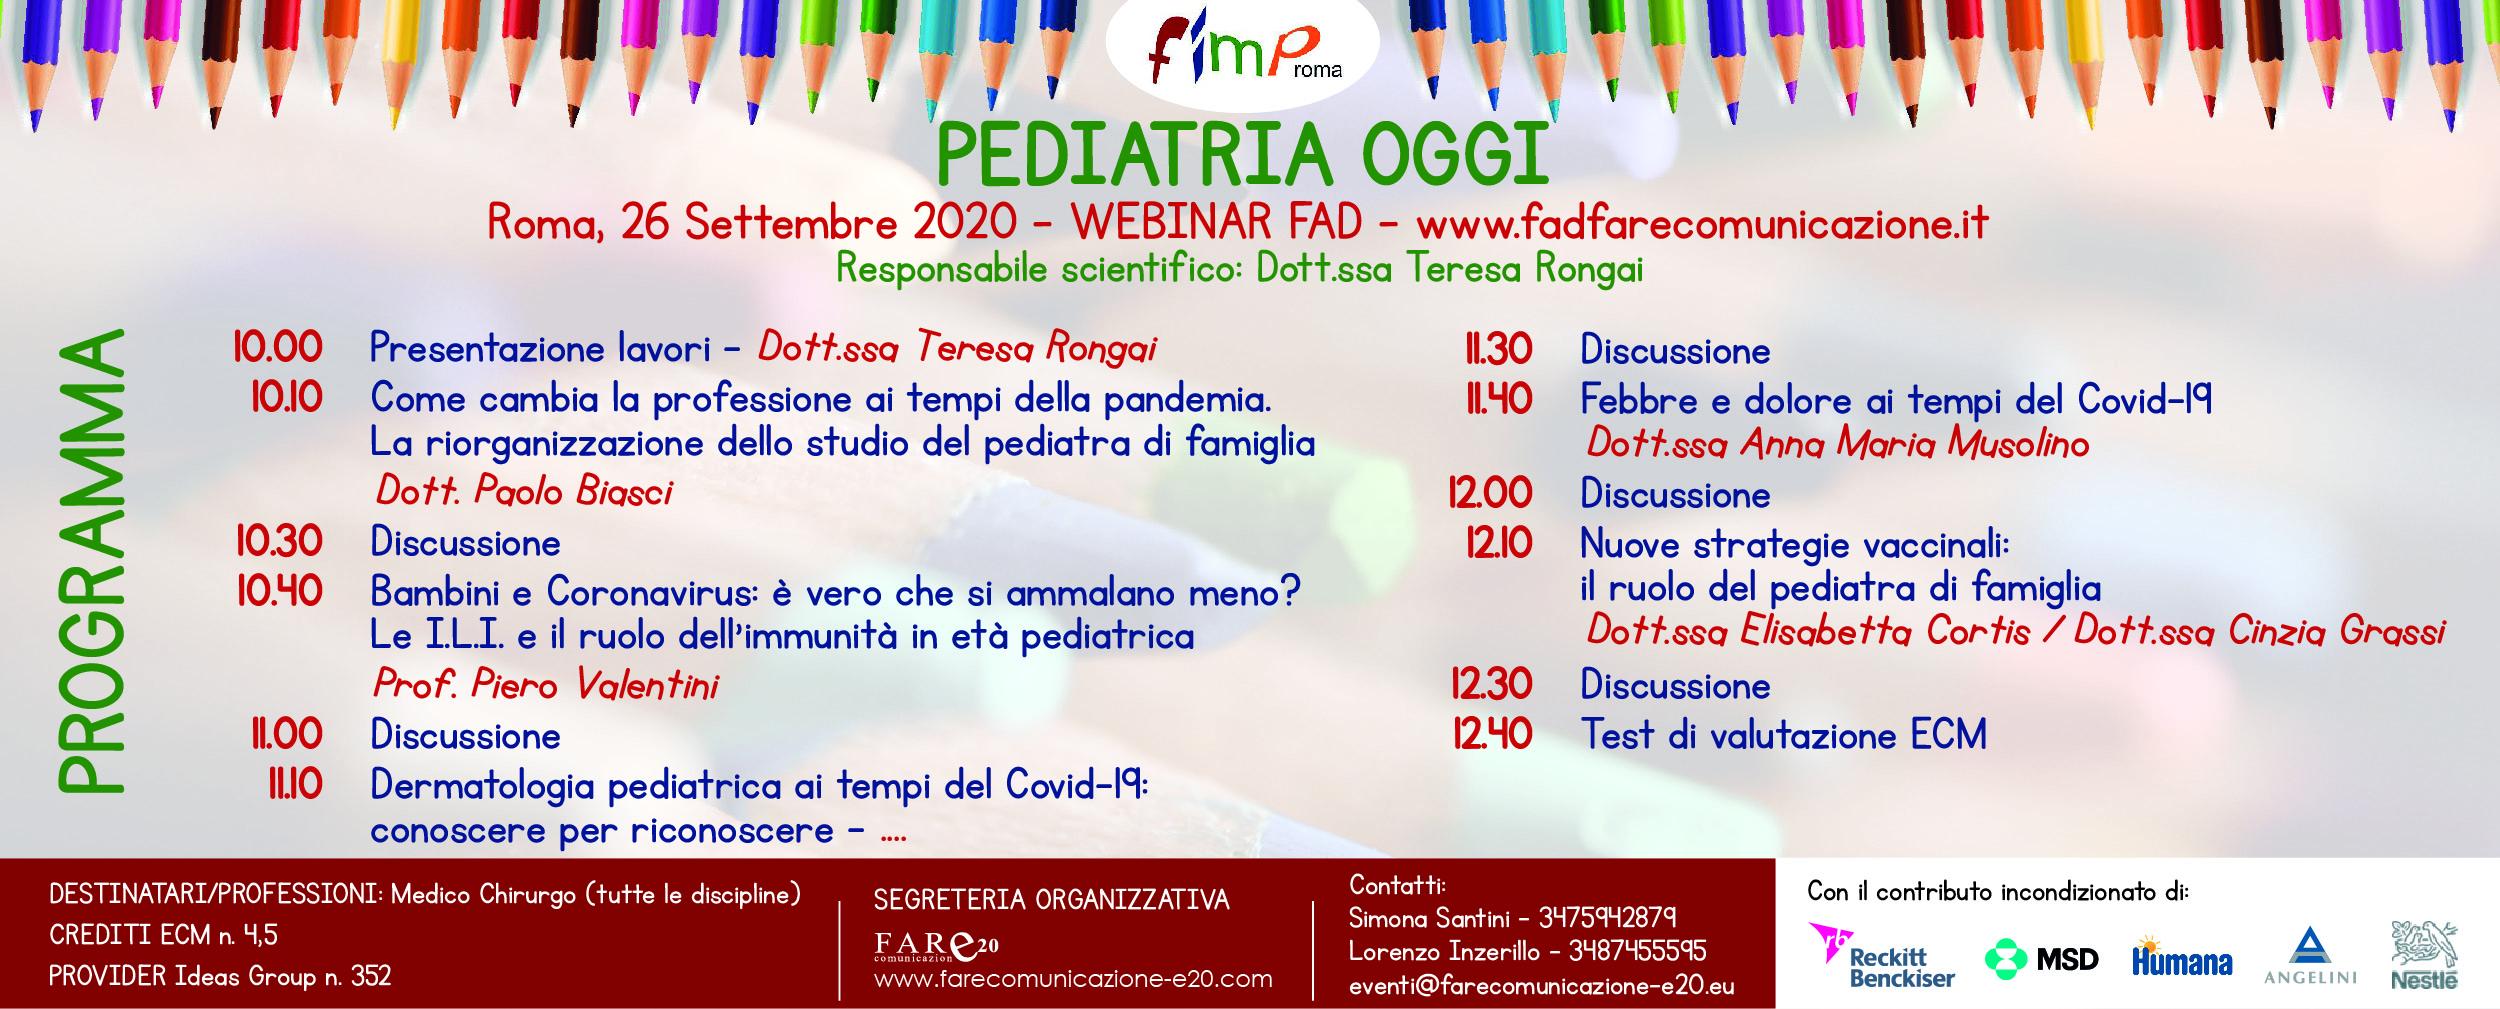 FIMP Roma pediatria oggi